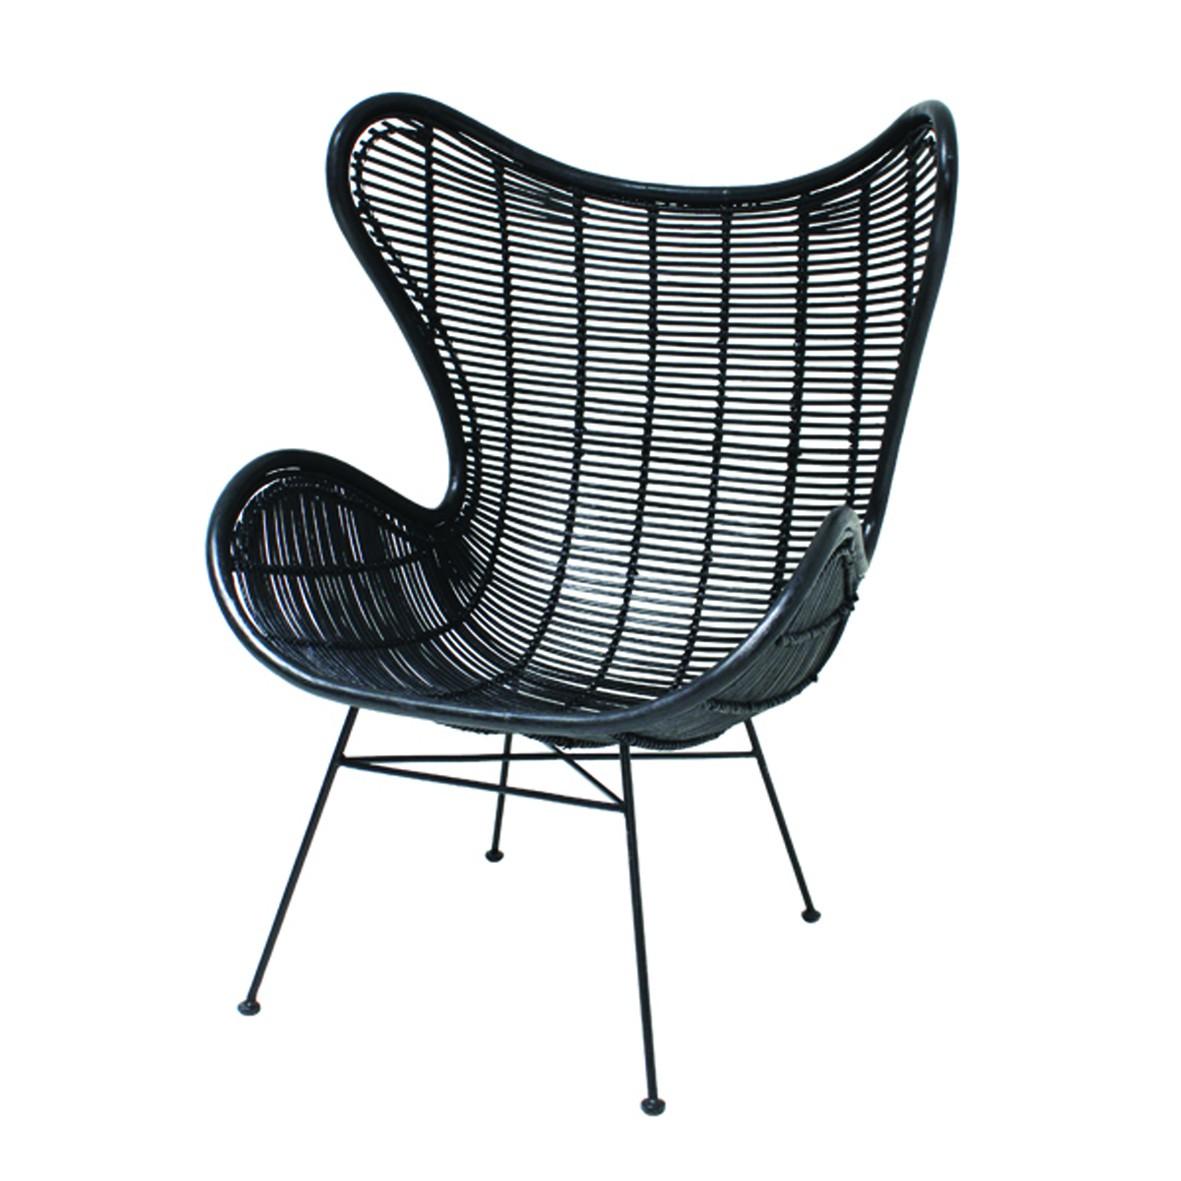 Rattansessel Egg Chair schwarz